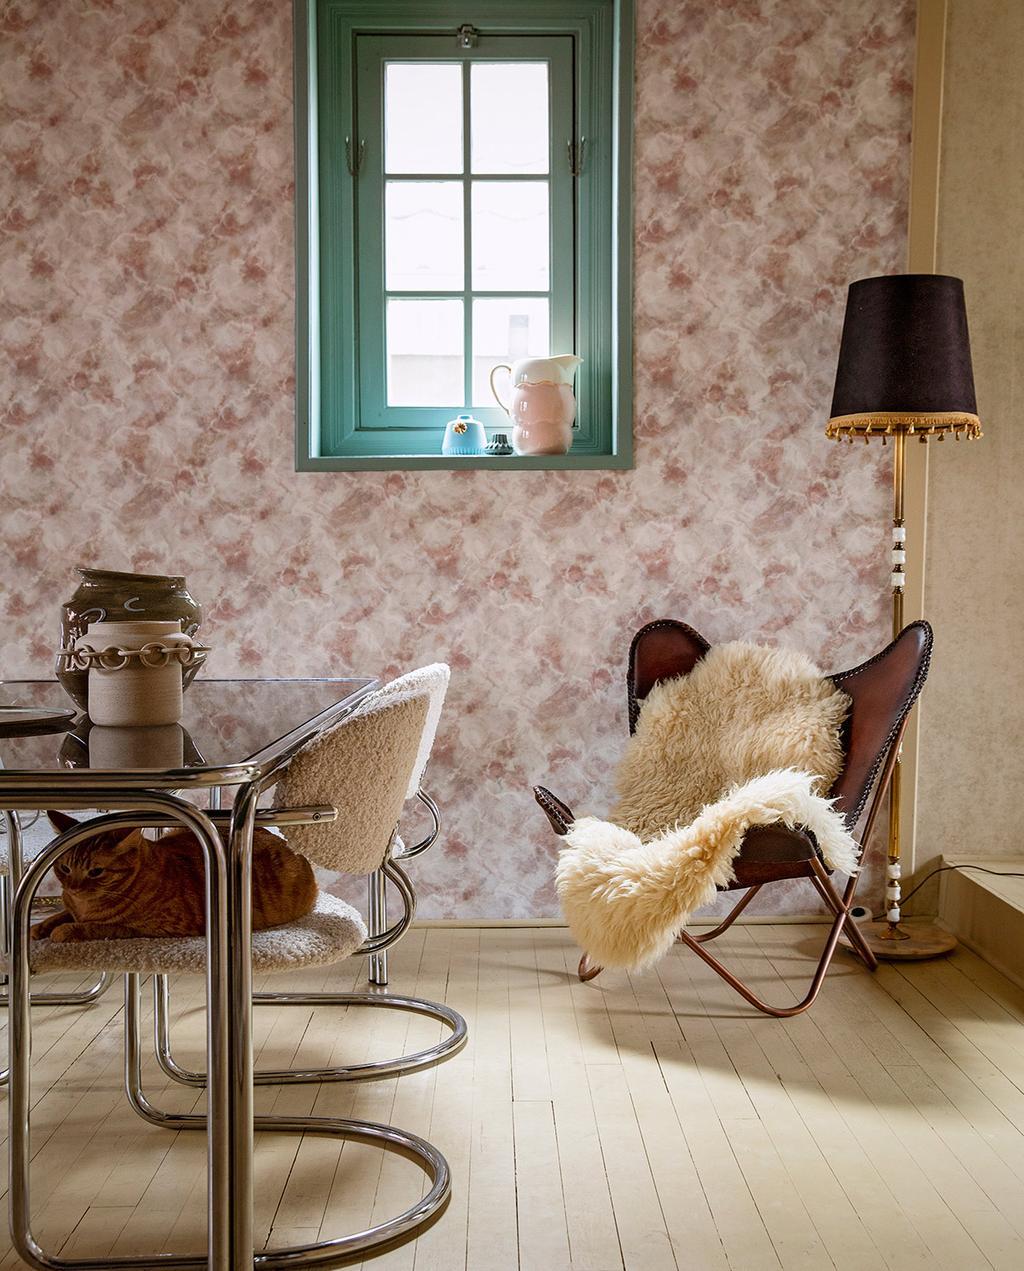 vtwonen 06-2021   vlinder stoel met eettafel en witte teddy eetstoelen, het behang is met roze bloemen